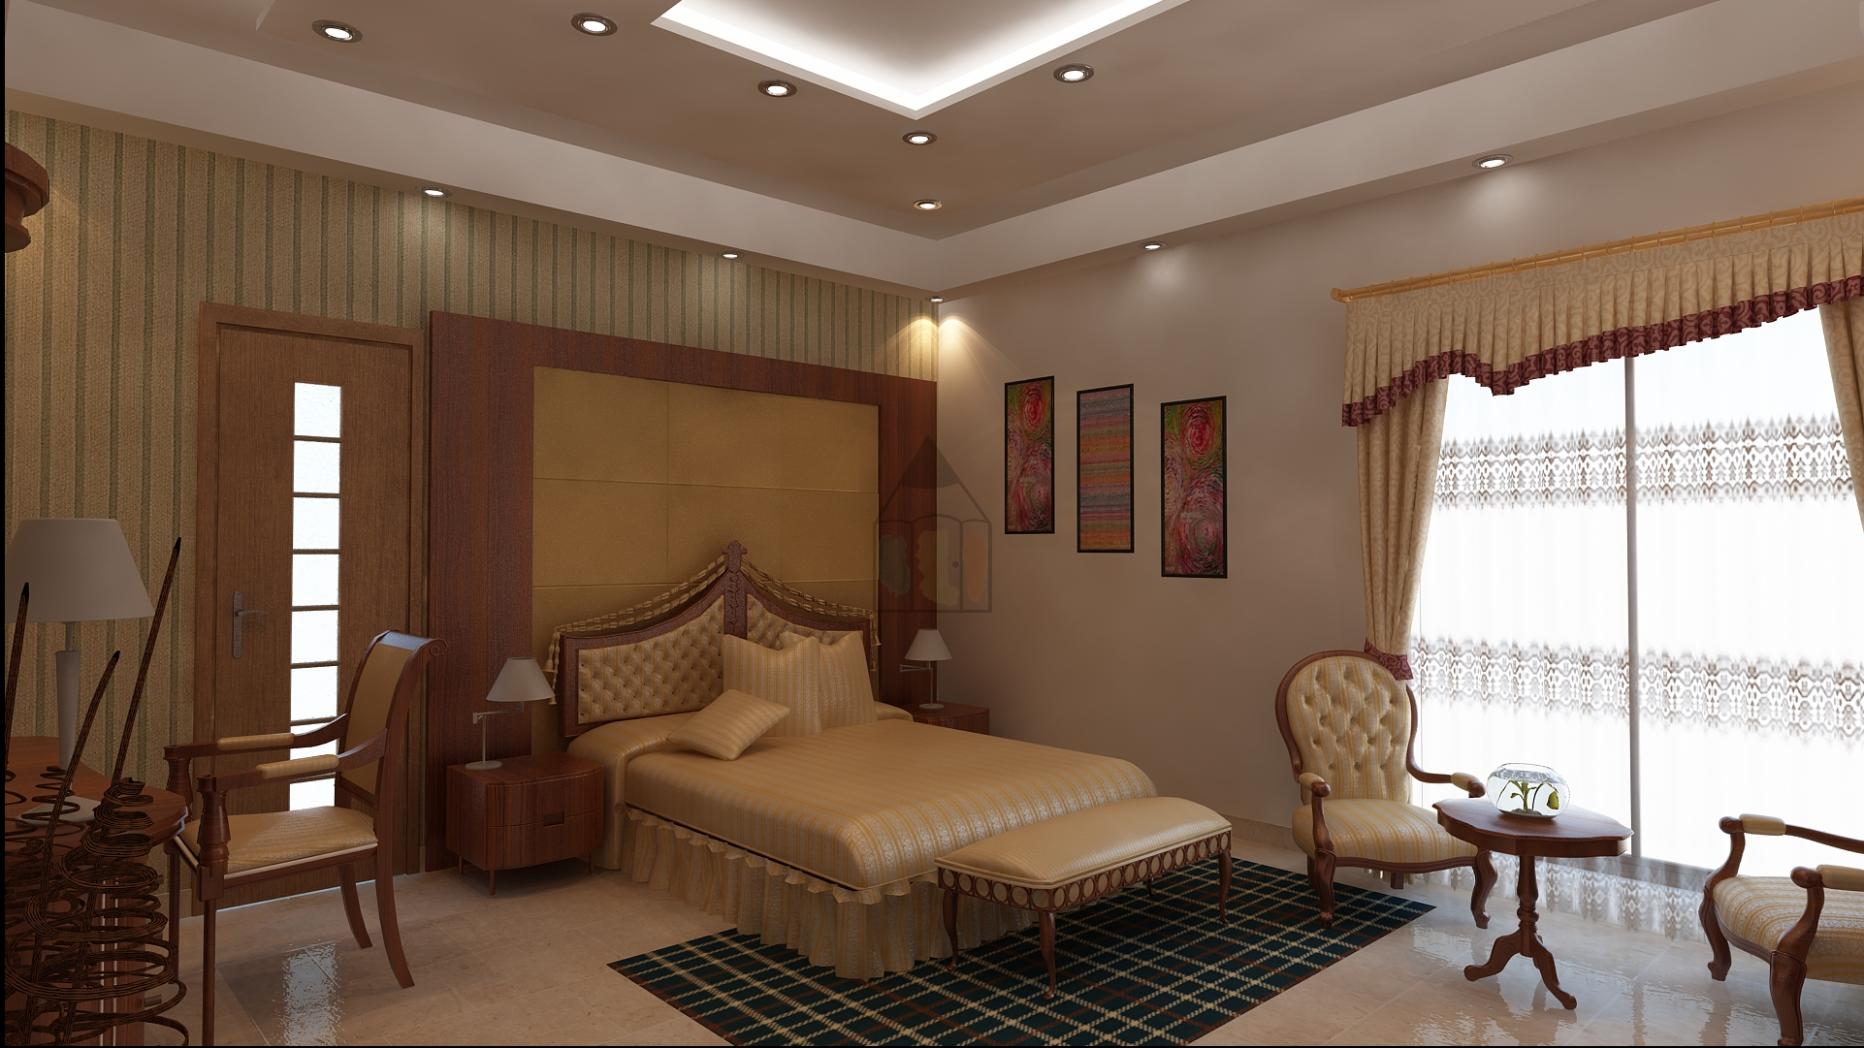 Pakistani bedroom design